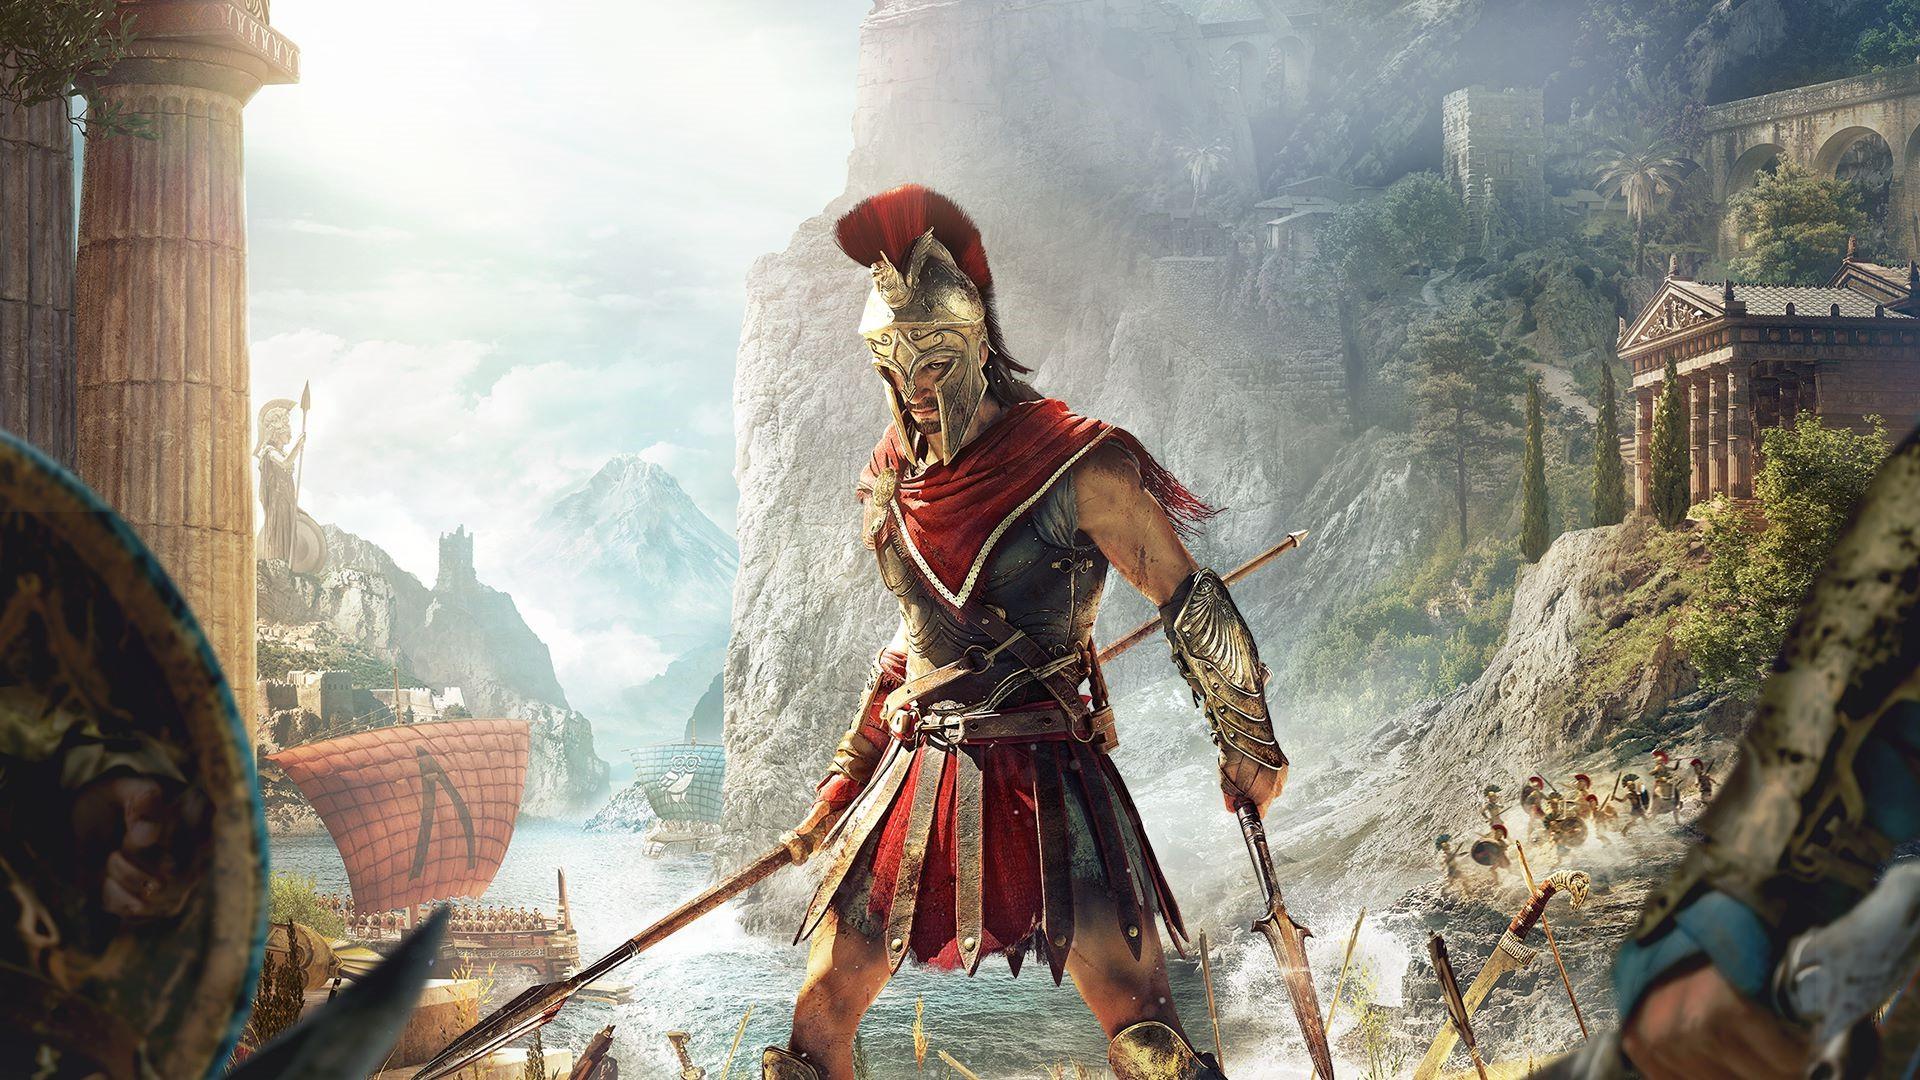 育碧Q2财季总销售额3.67亿欧元 《彩虹六号》玩家超4000万